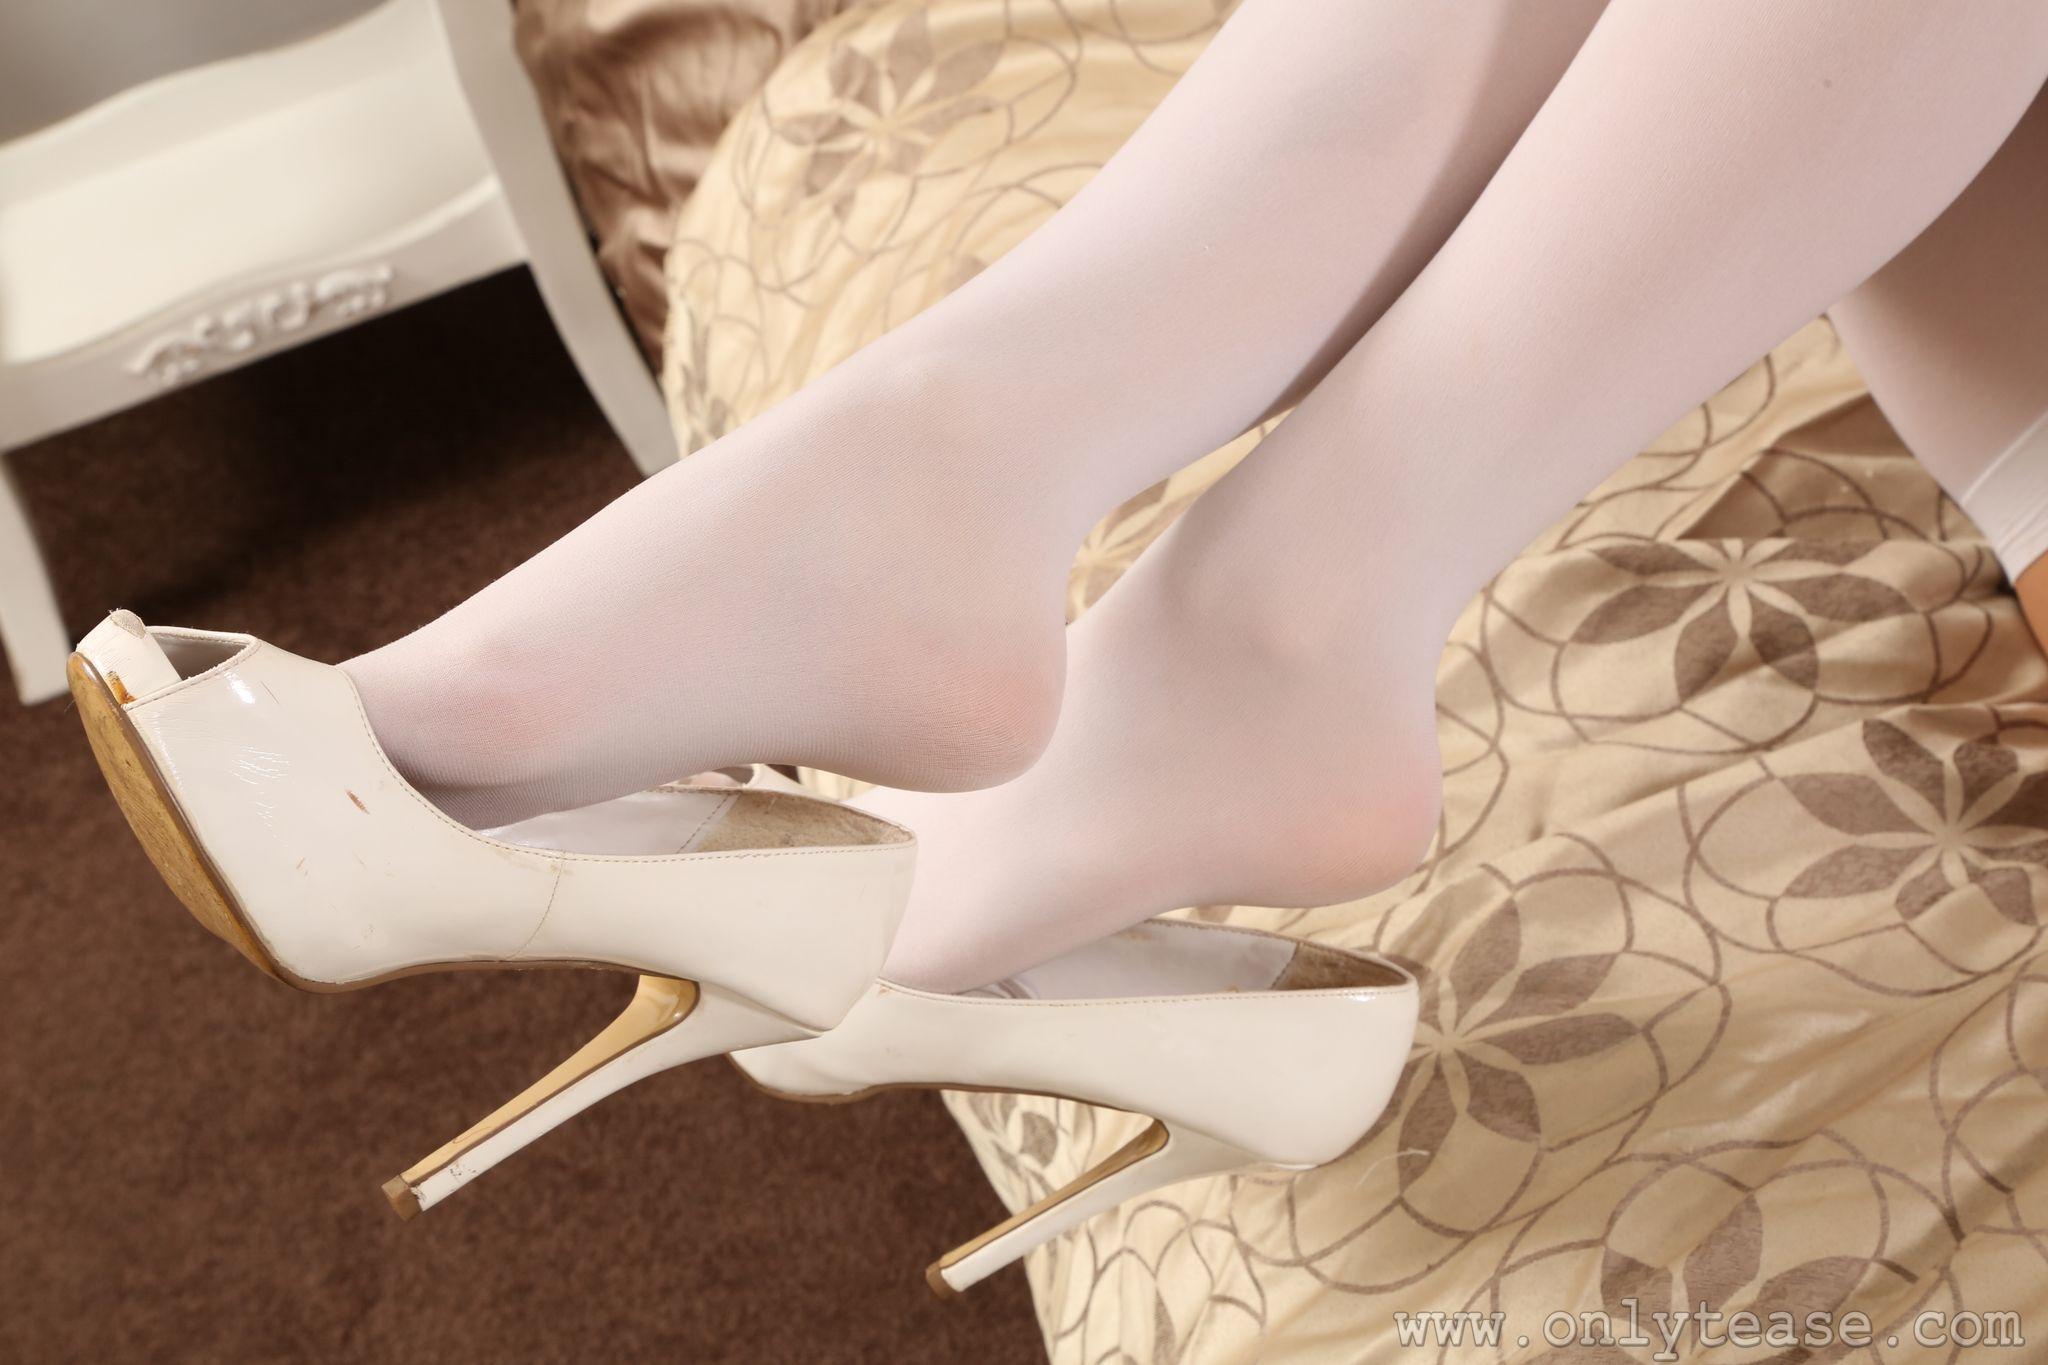 Фотографии Колготки девушка Ноги вблизи Туфли колготок колготках Девушки молодая женщина молодые женщины ног Крупным планом туфель туфлях